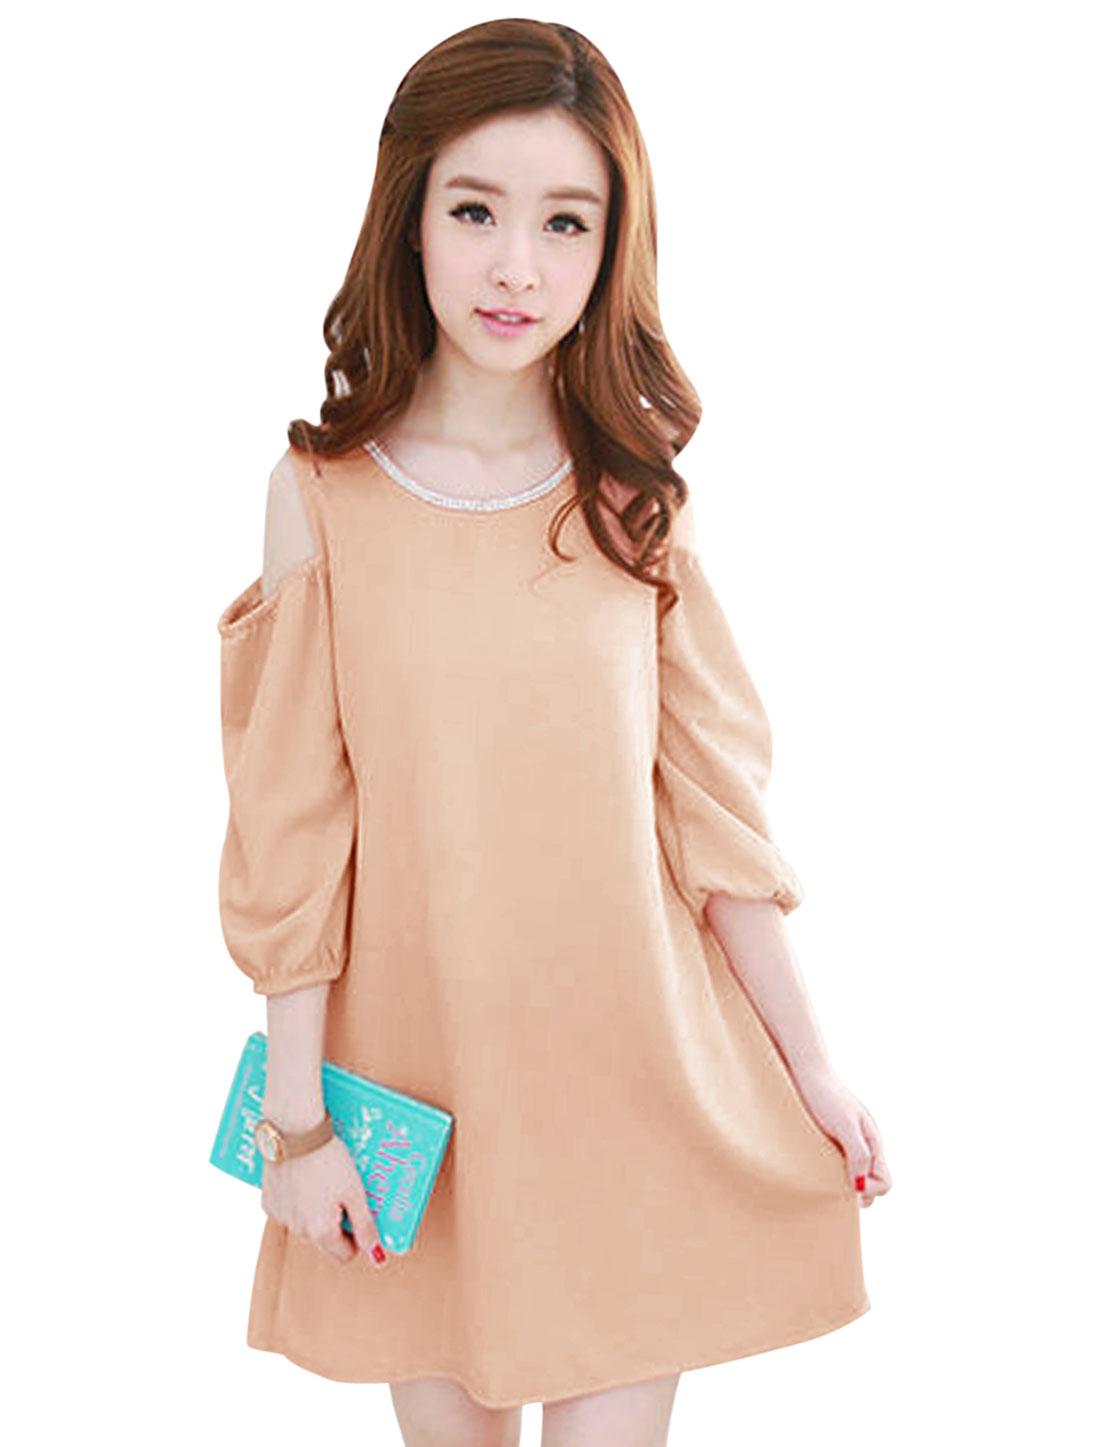 Ladies Pale Pink Slipover Cut Out Shoulder Texture Mesh Splice Dress XS